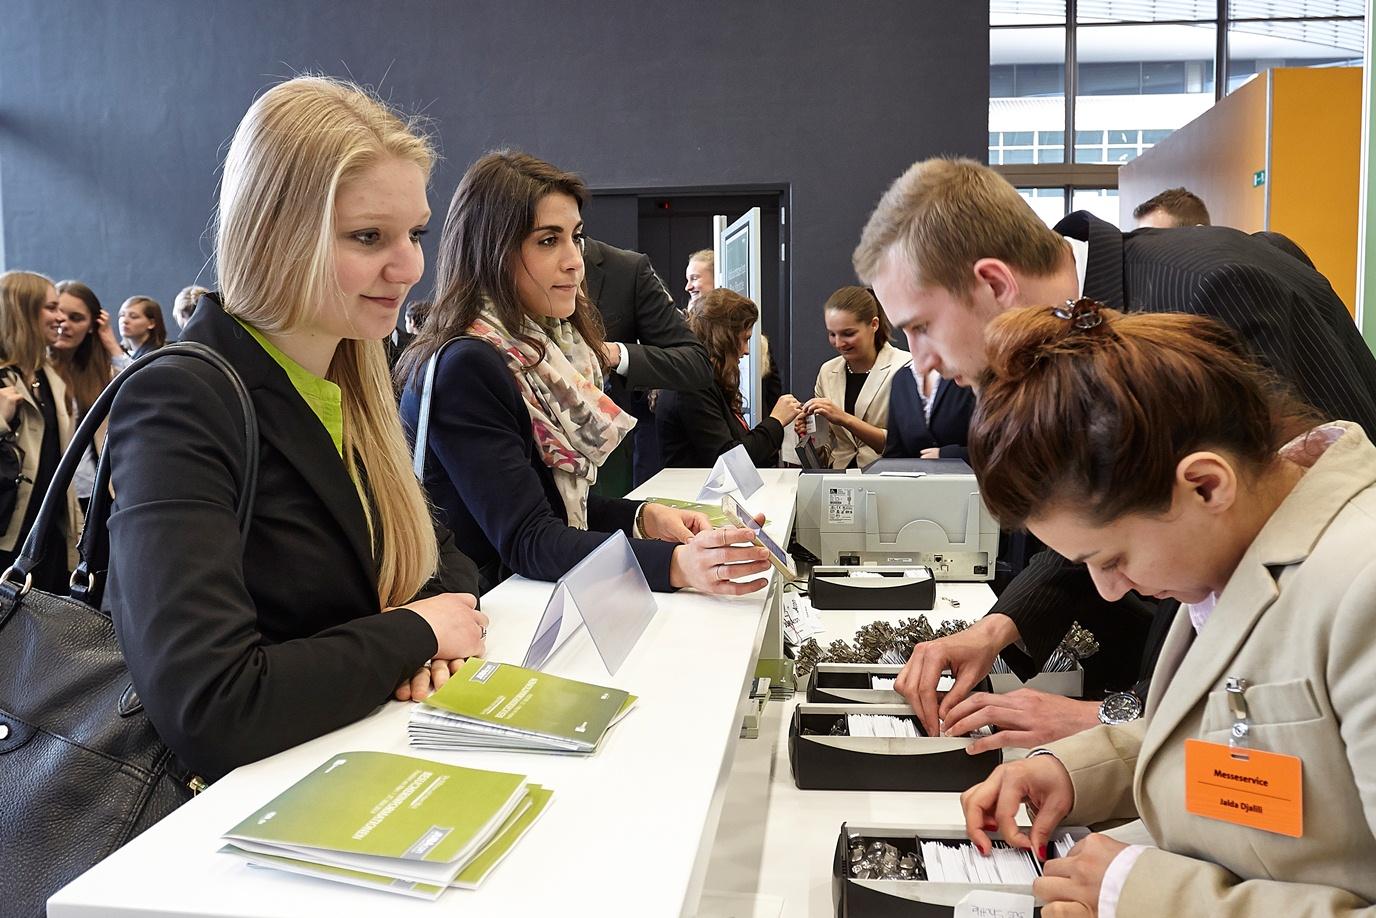 JURAcon Frankfurt 2014 empfang